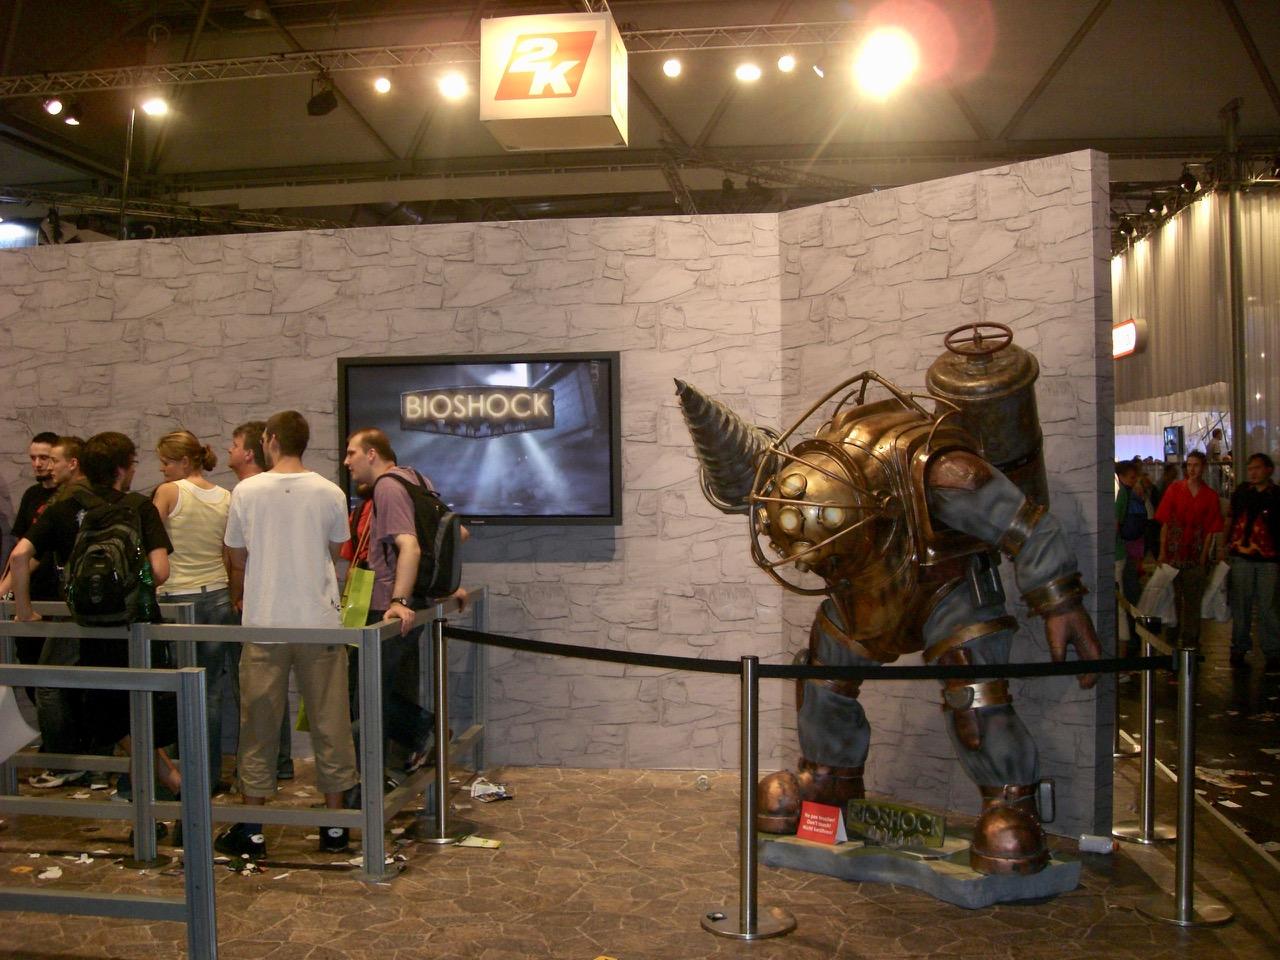 Am Stand von 2K. BioShock wollte ich unbedingt testspielen. (Bild: André Eymann)